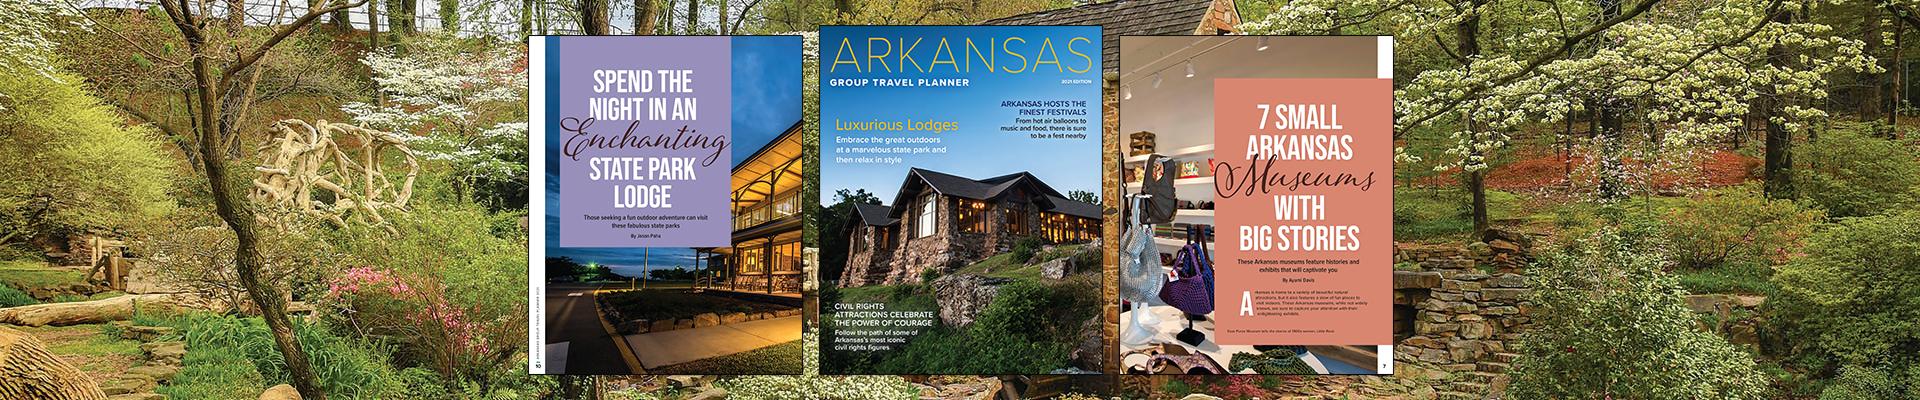 2021-arkansas-group-travel-planner-header